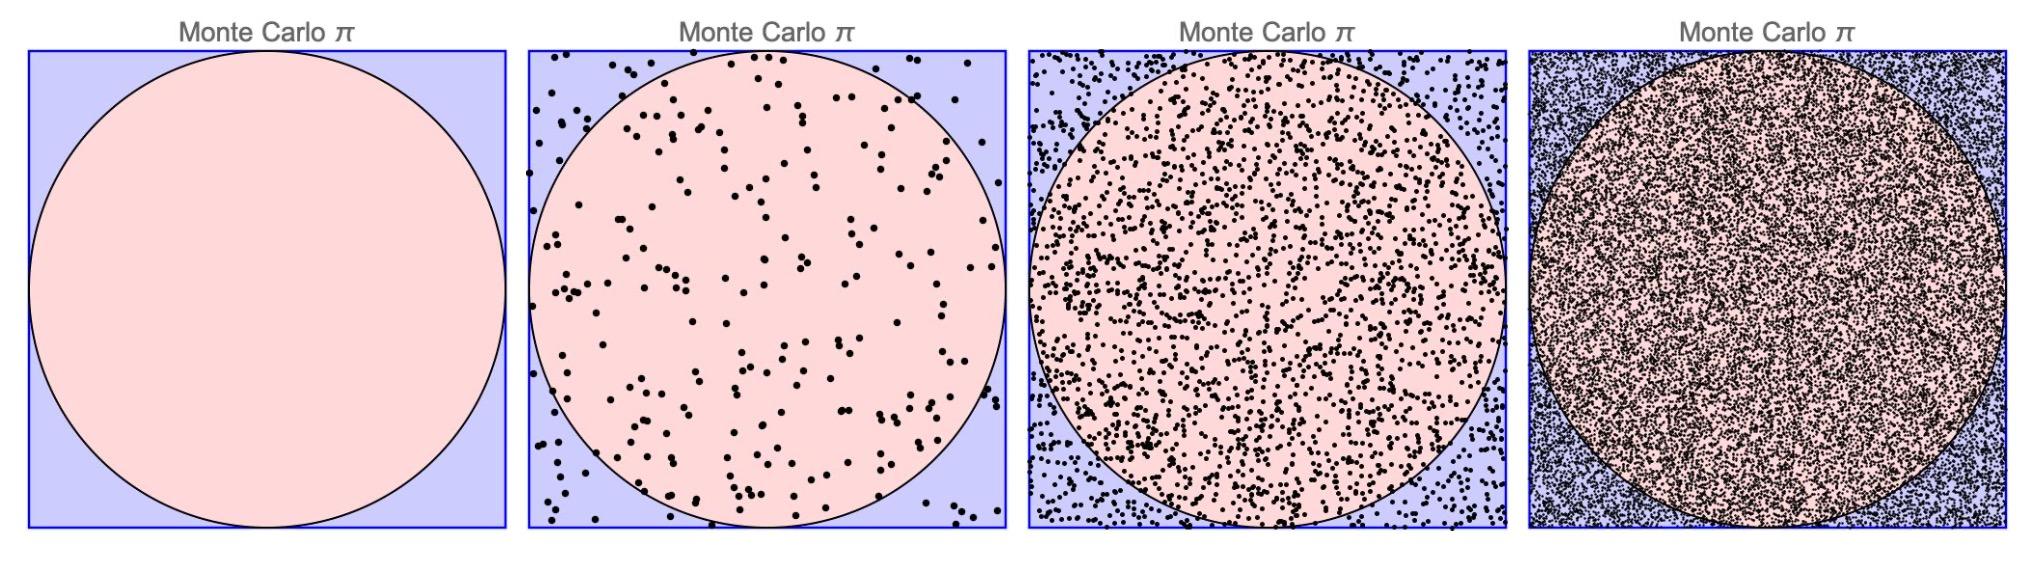 Monte-Carlo-Wide-4panel